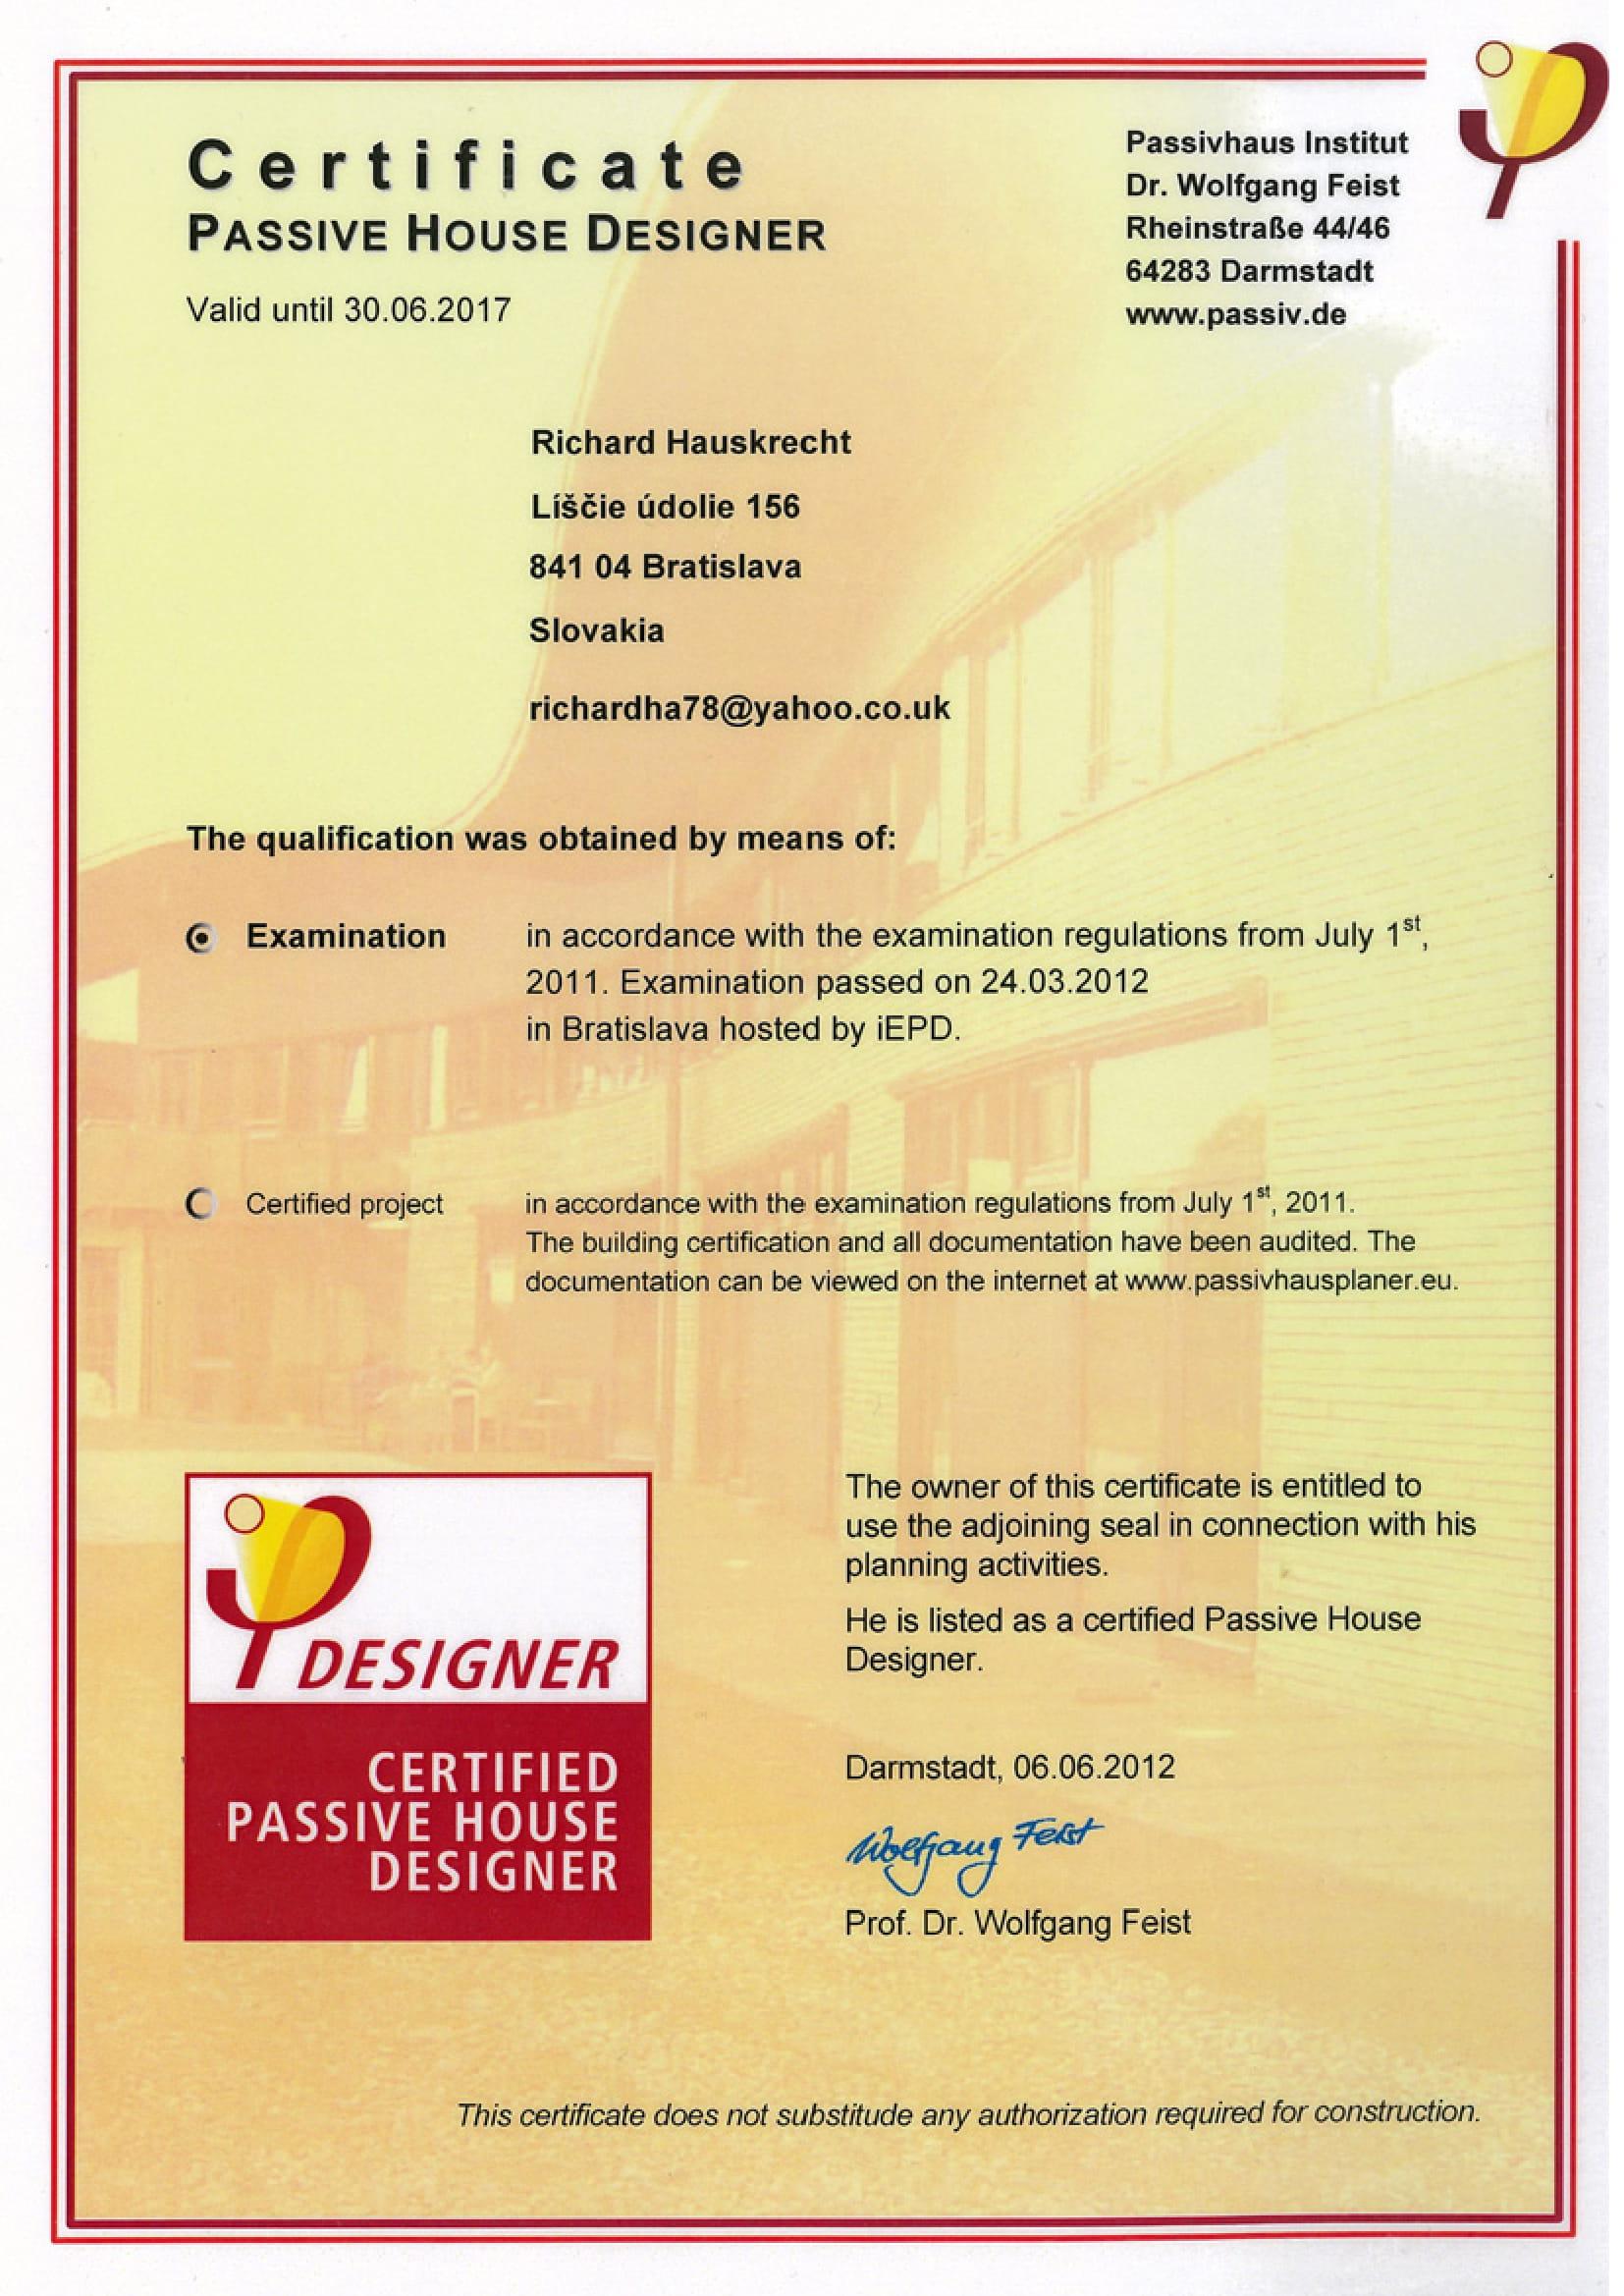 Certifikát na výstavbu a dizajn pasívnych domovHauskrecht PHI